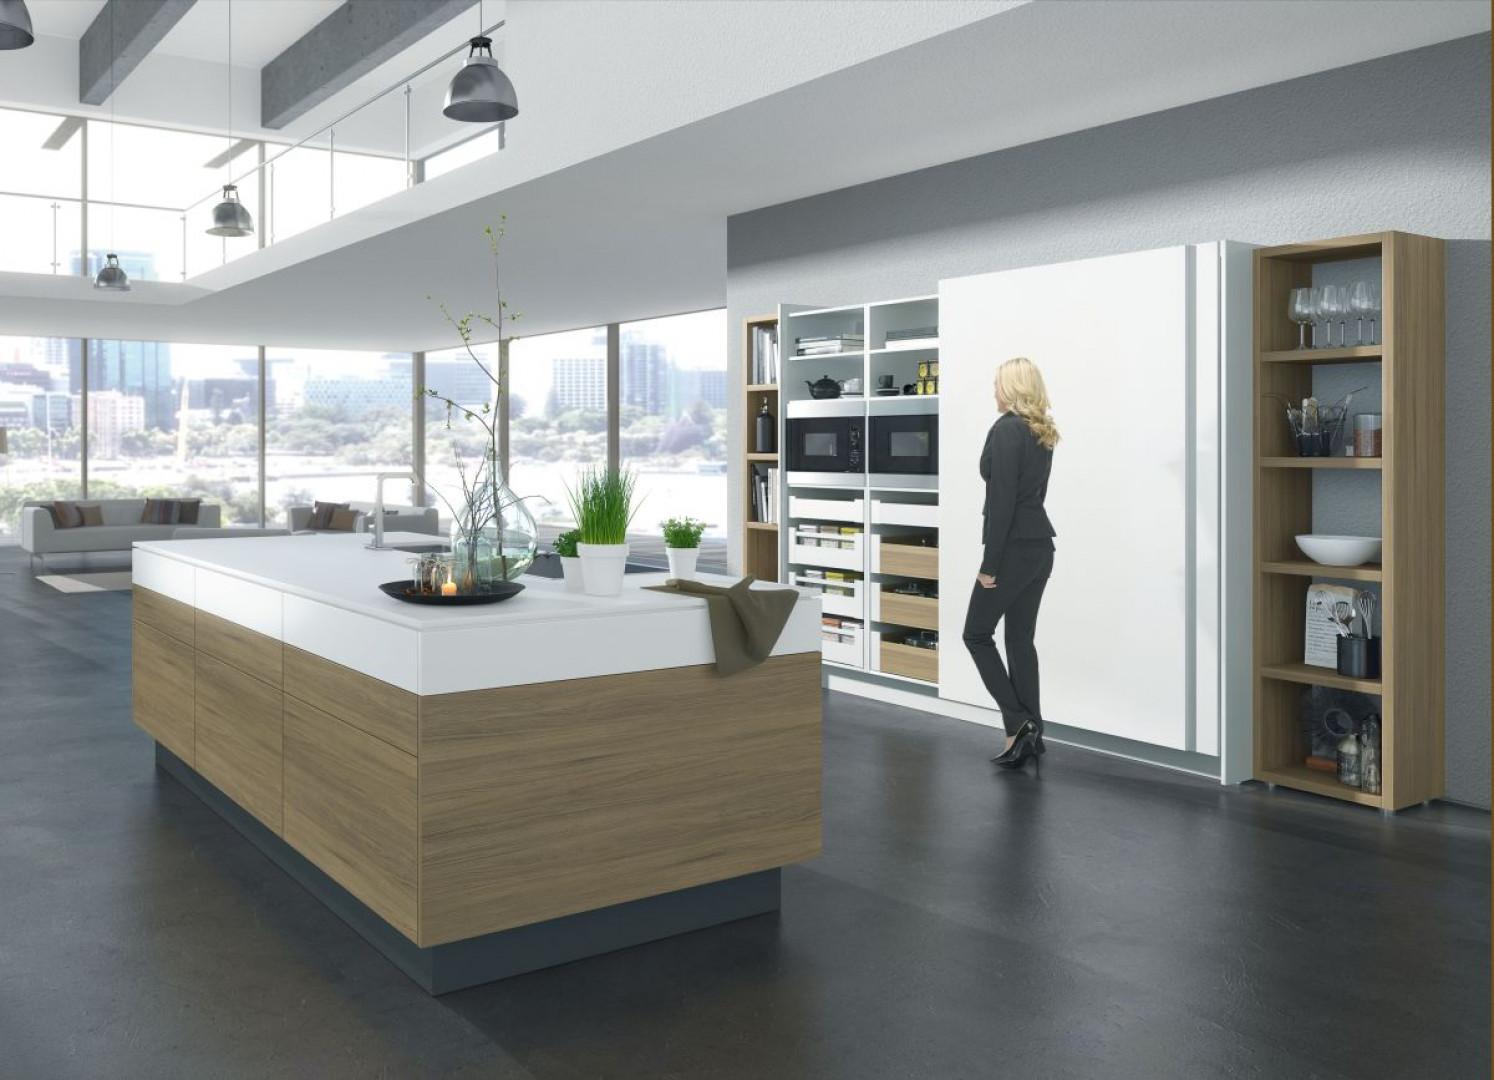 Dzięki systemom do drzwi przesuwnych możemy wygodnie kształtować przestrzeń otwartych wnętrz, udostępniając lub ukrywając strefę kuchenną. Fot. Hettich